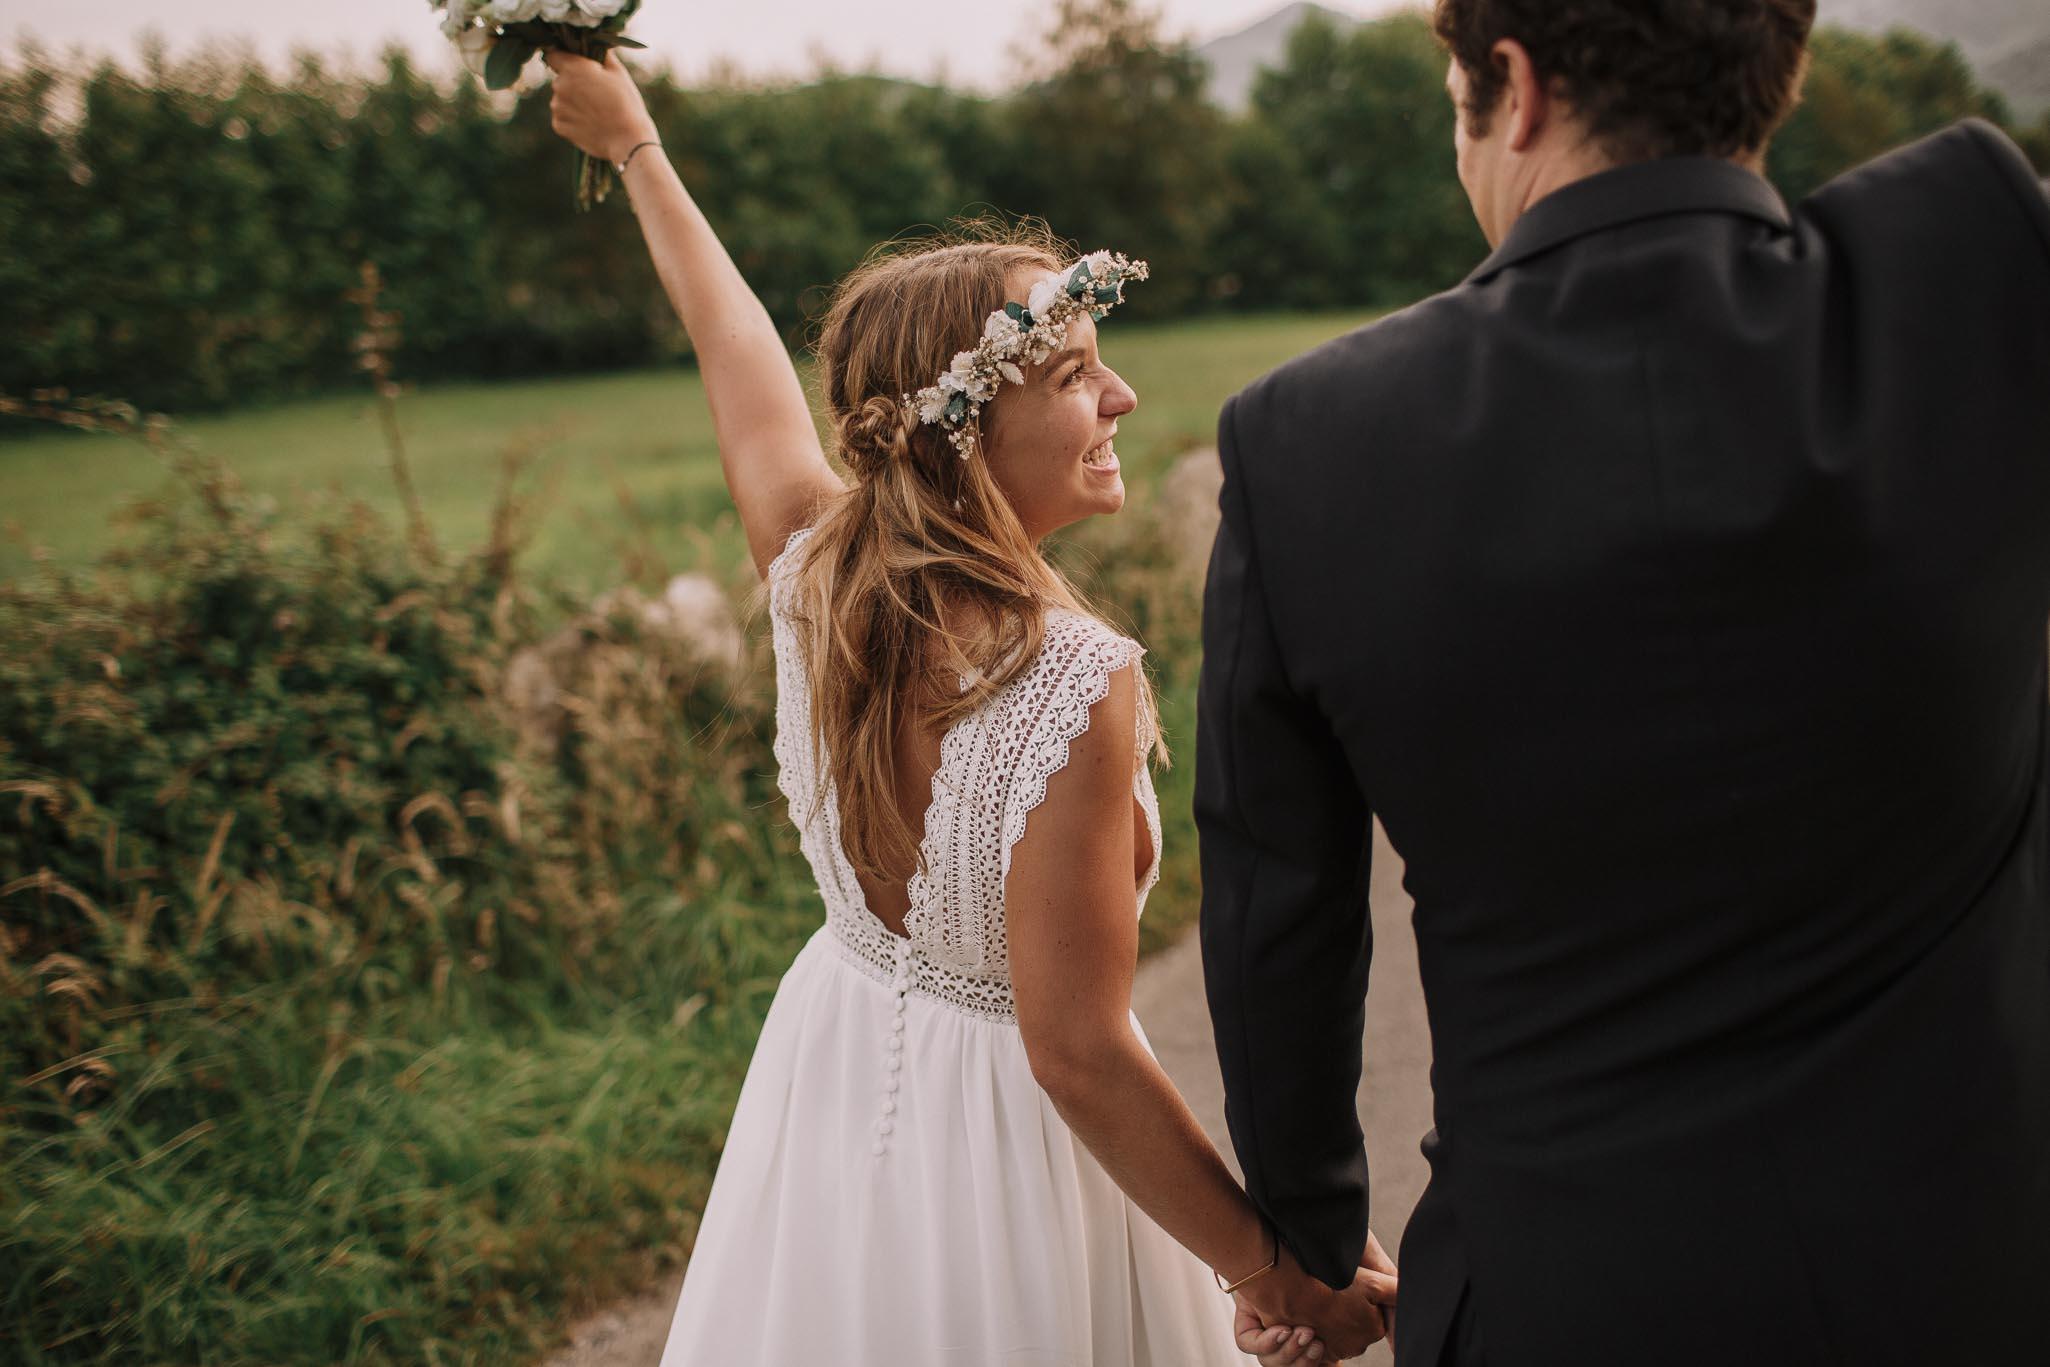 Photographe-mariage-bordeaux-jeremy-boyer-pays-basque-ihartze-artea-sare-robe-eleonore-pauc-couple-amour-118.jpg